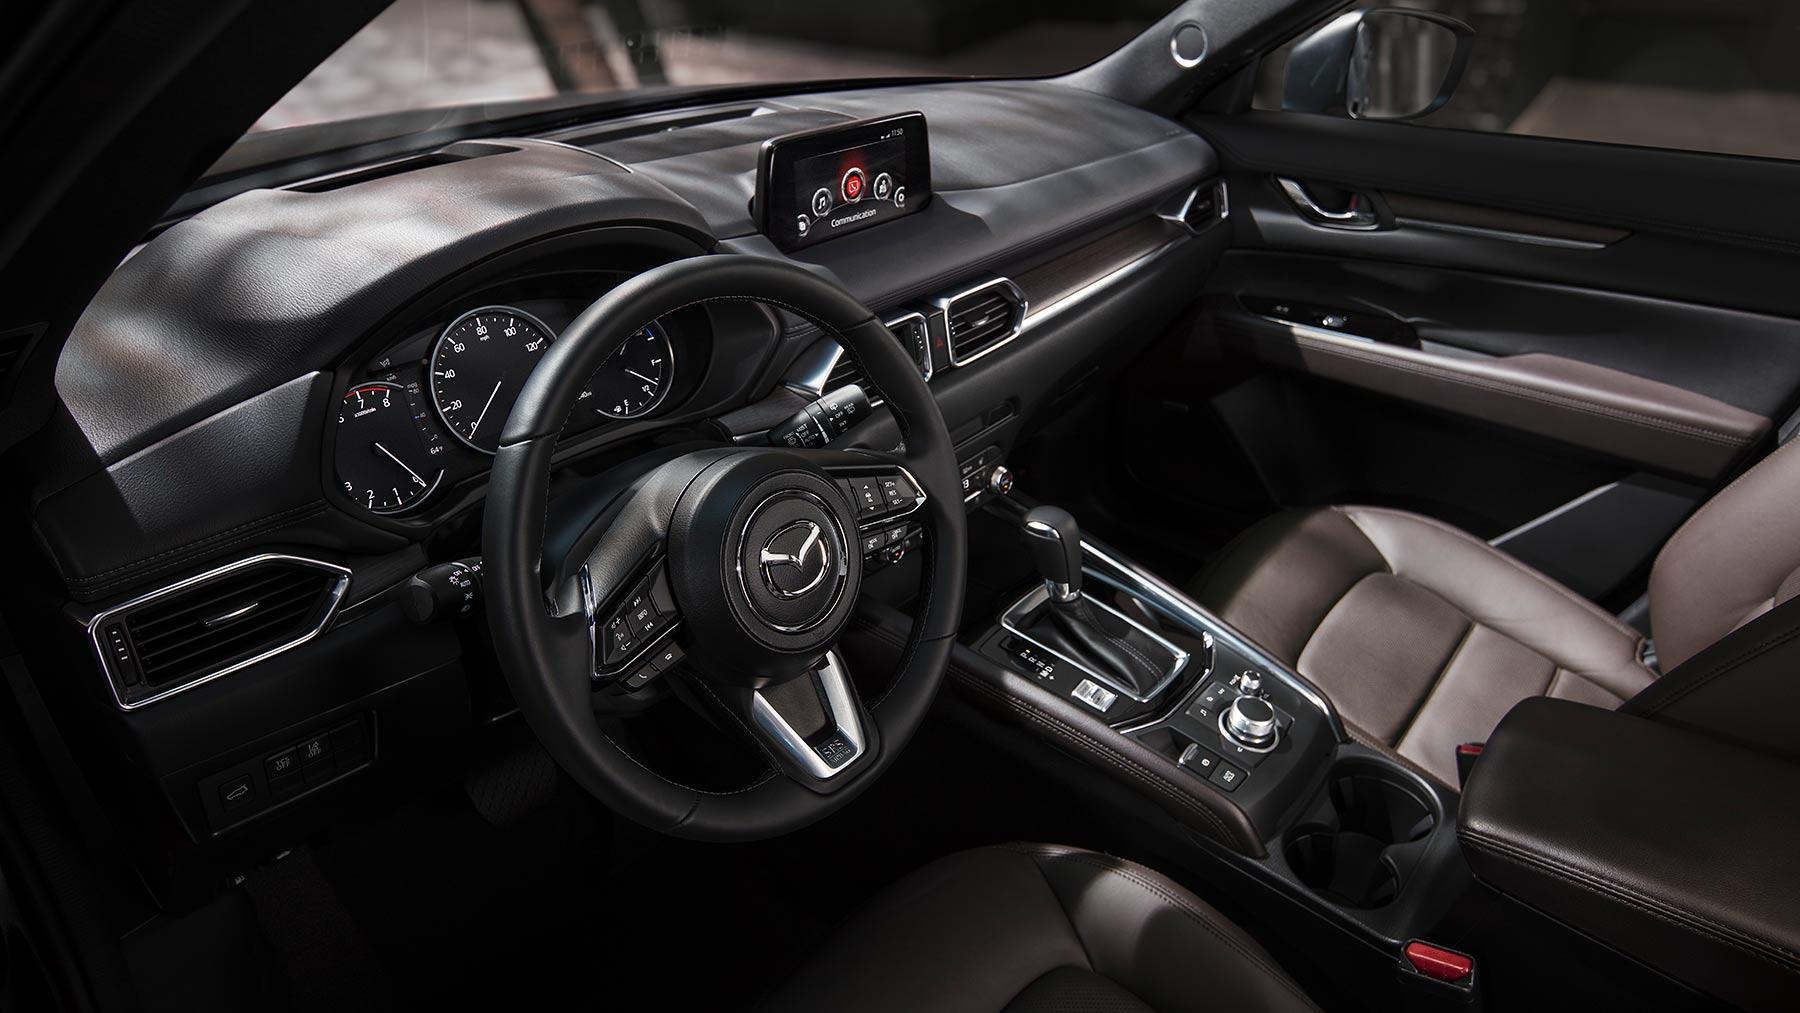 2019 Mazda CX-5 Interior